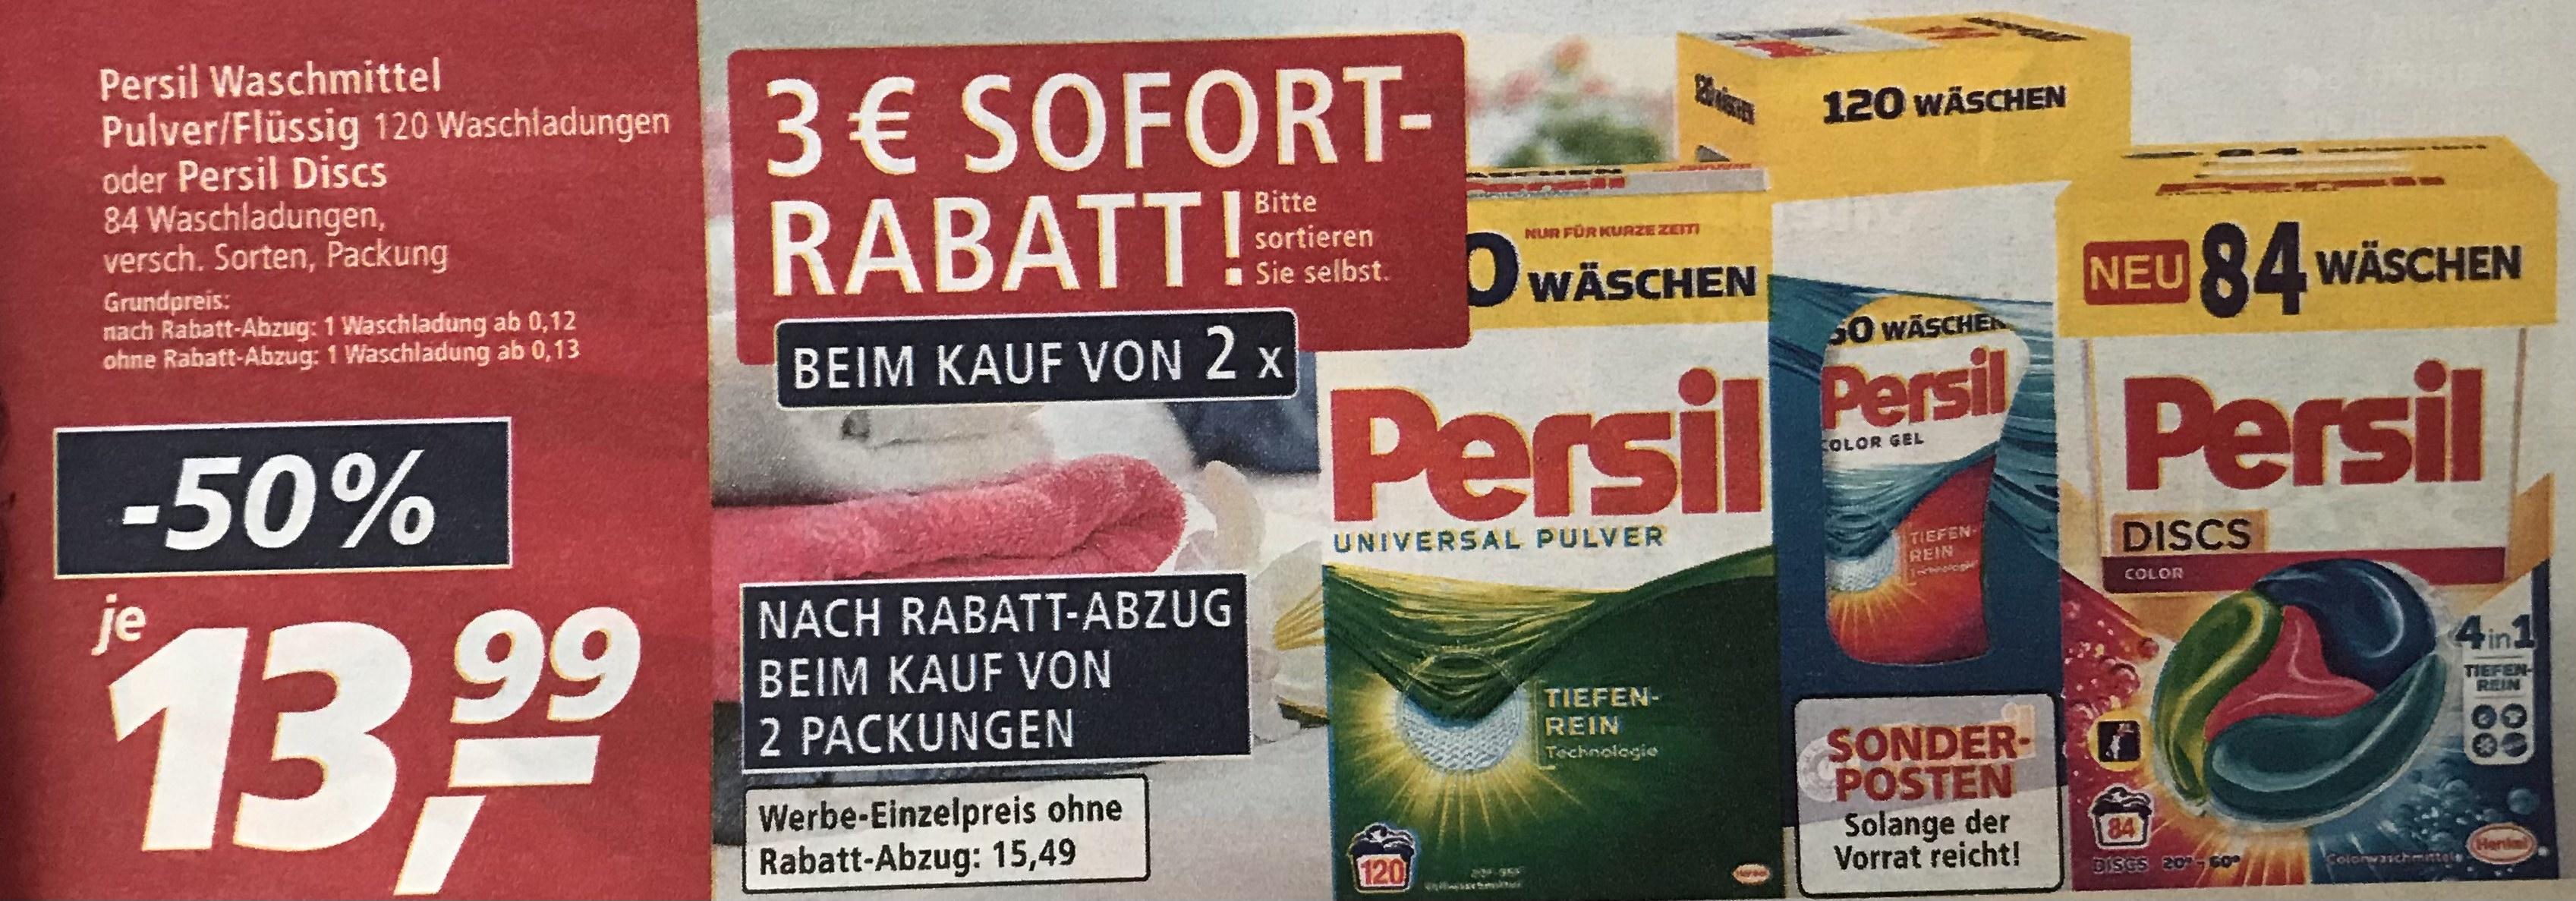 Persil Waschpulver/-mittel 120 WL und Persil Disc 84 WL mit Sofortrabatt ab 2 St.